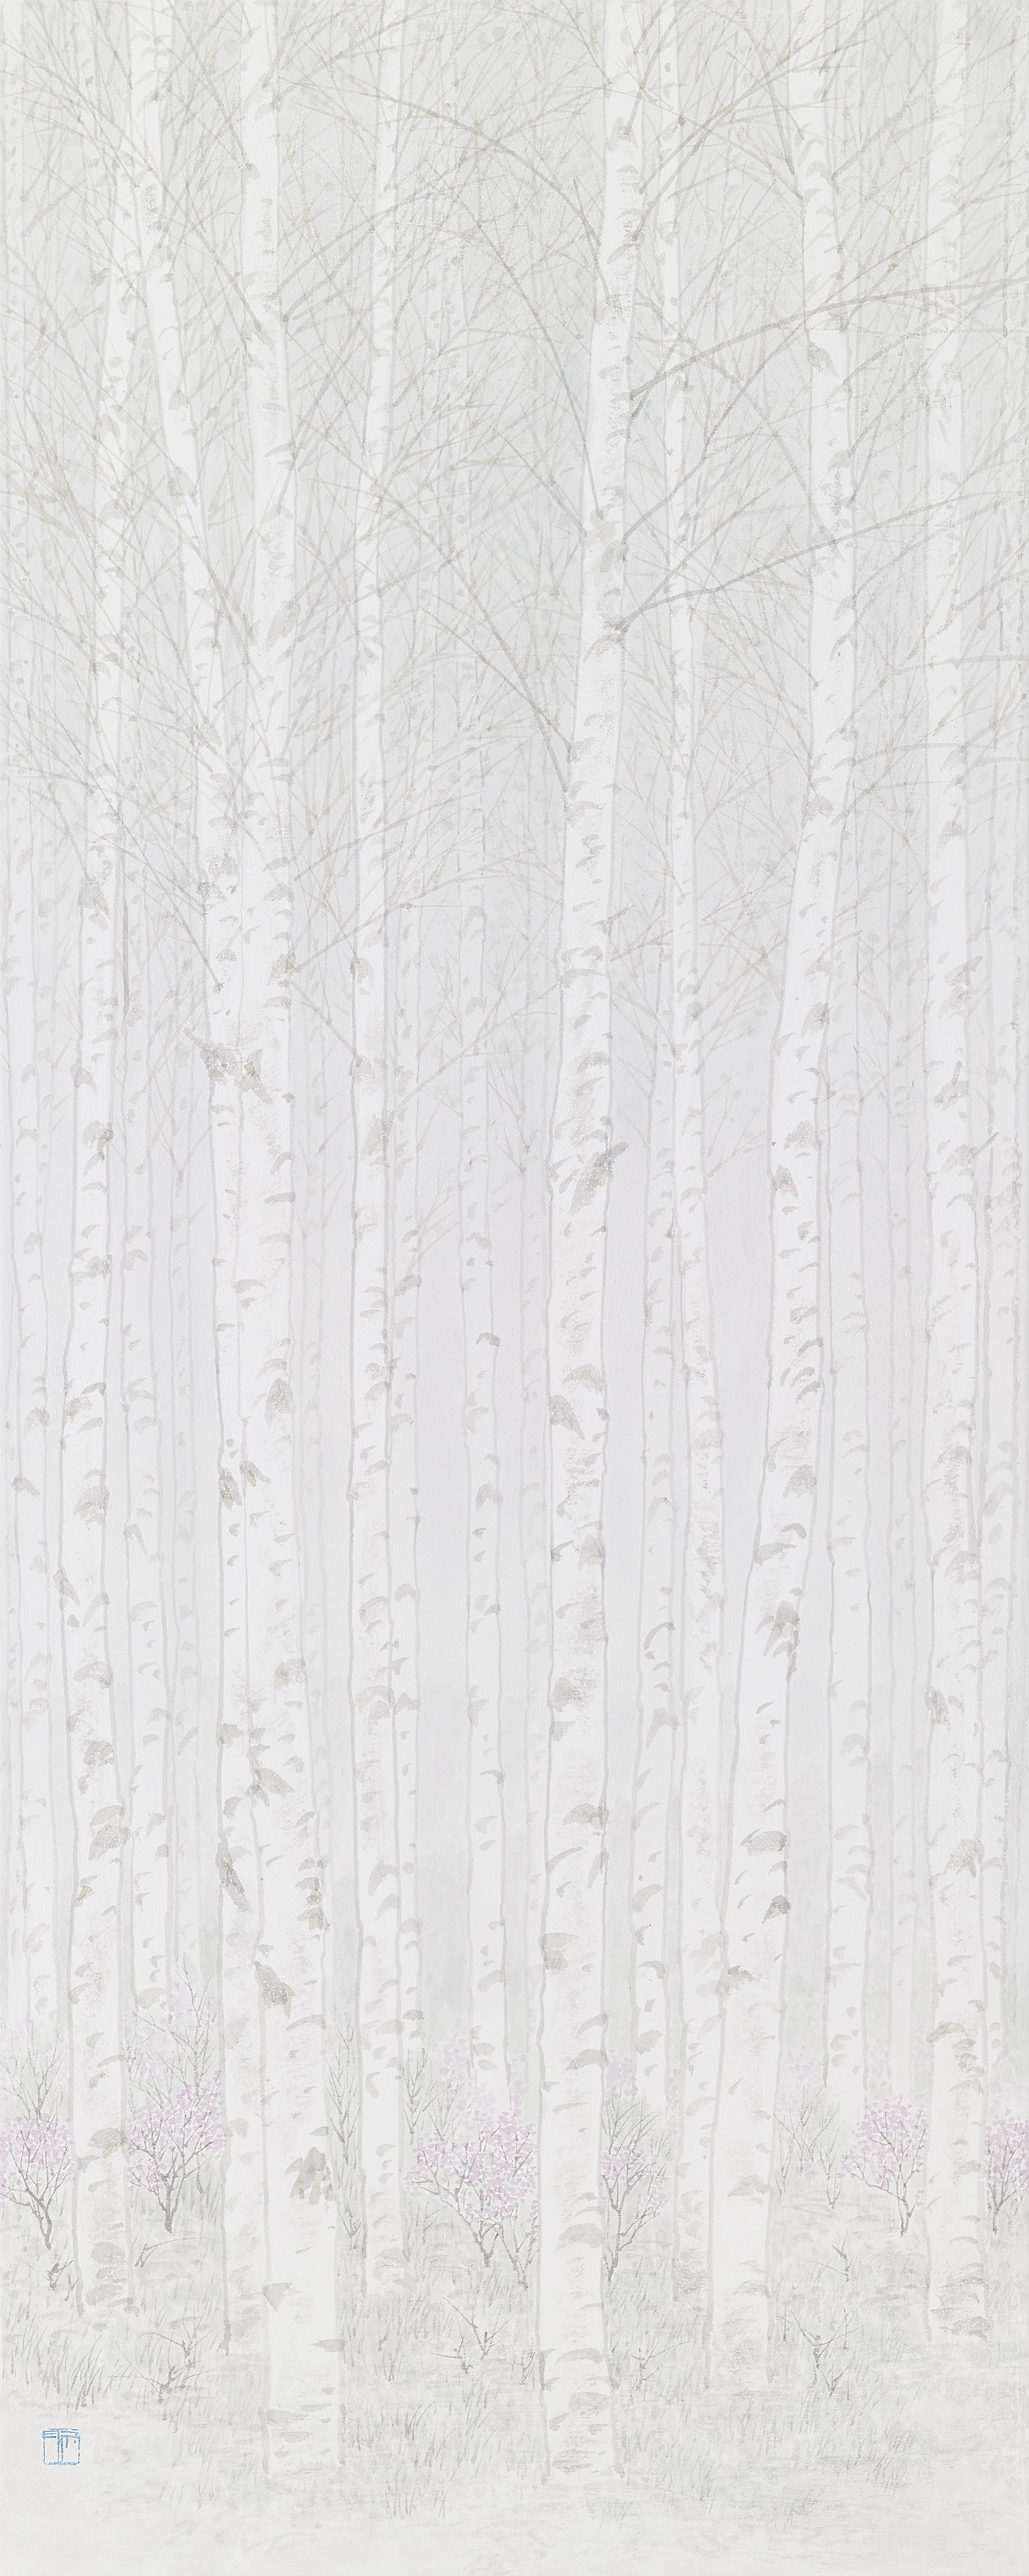 임태규 흐린 풍경-자작나무 아래 1 33X90 한지 위에 백토 수묵담채